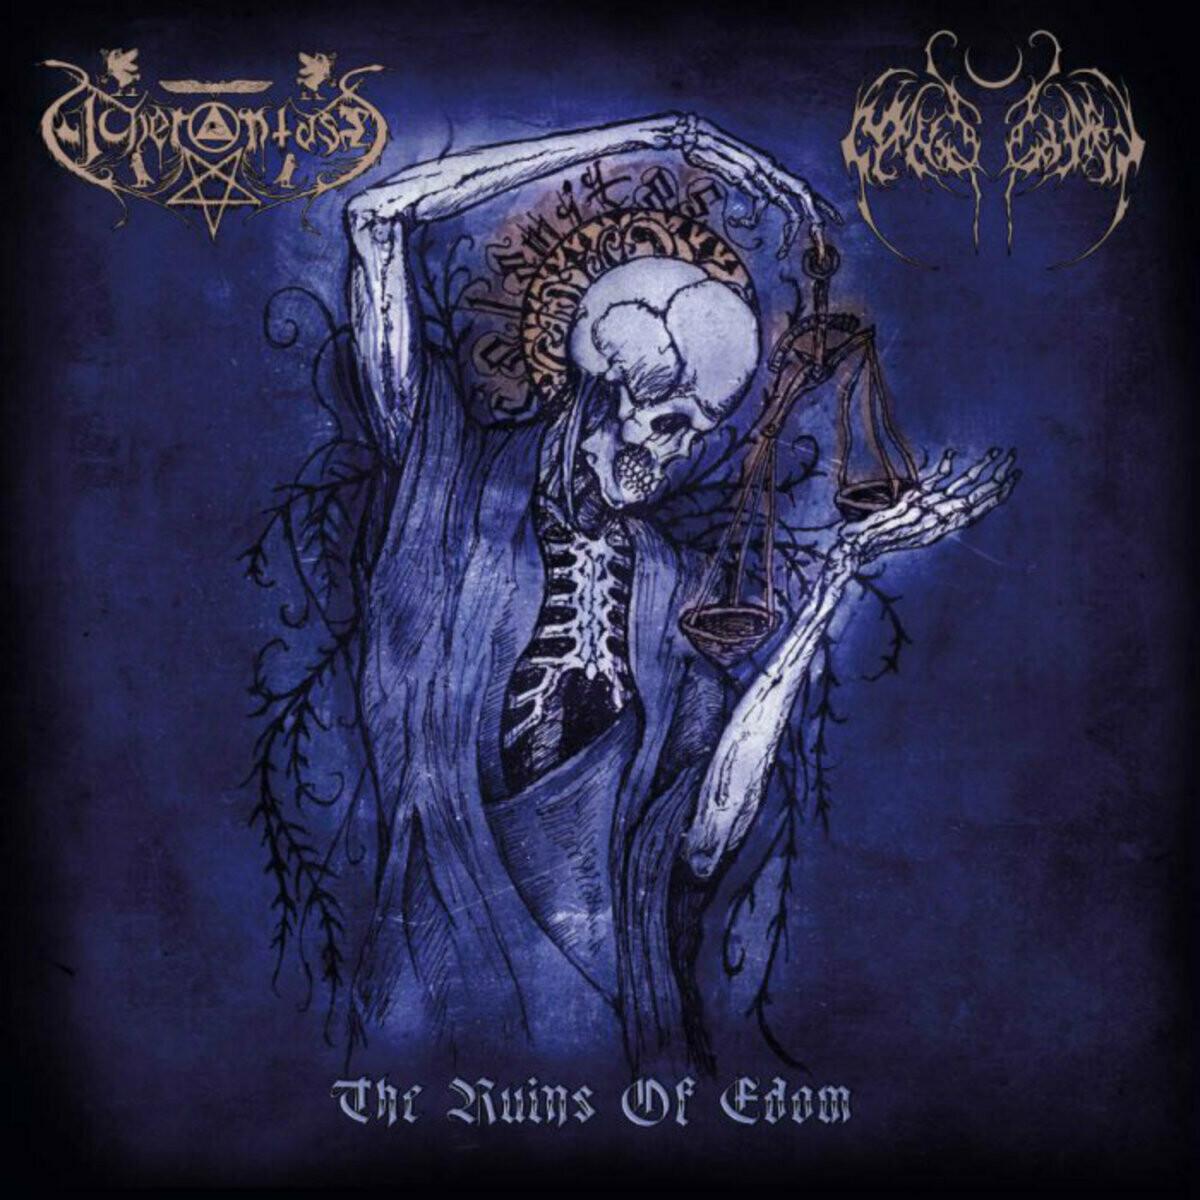 """Acherontas/Nightbringer (Split Release) """"The Ruins of Edom"""""""